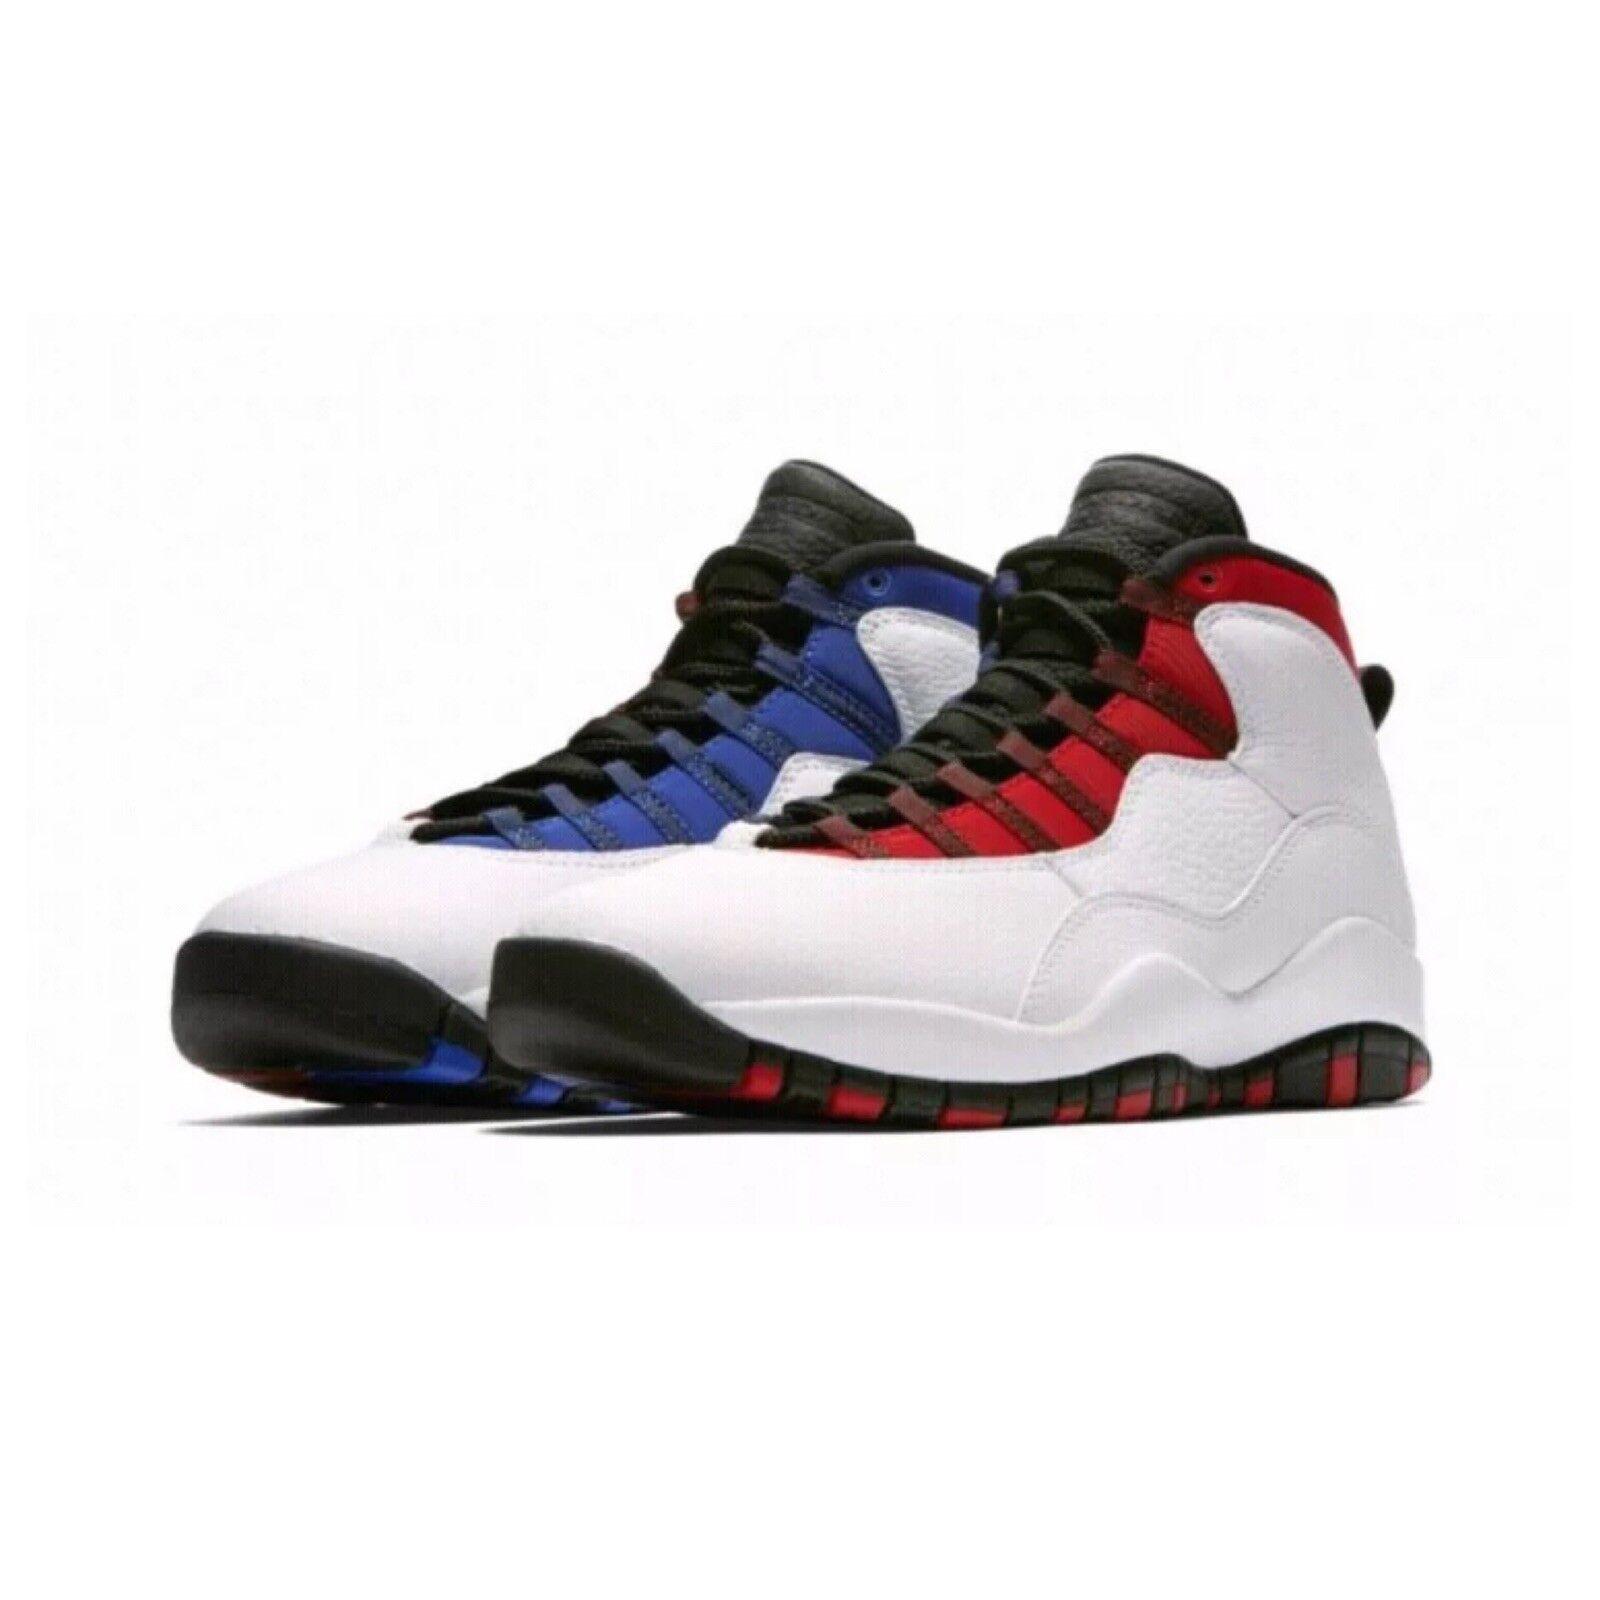 NEW Nike AIR JORDAN 10 RETRO  Class of 2006  Russell Westbrook-310805 160-Sz 10